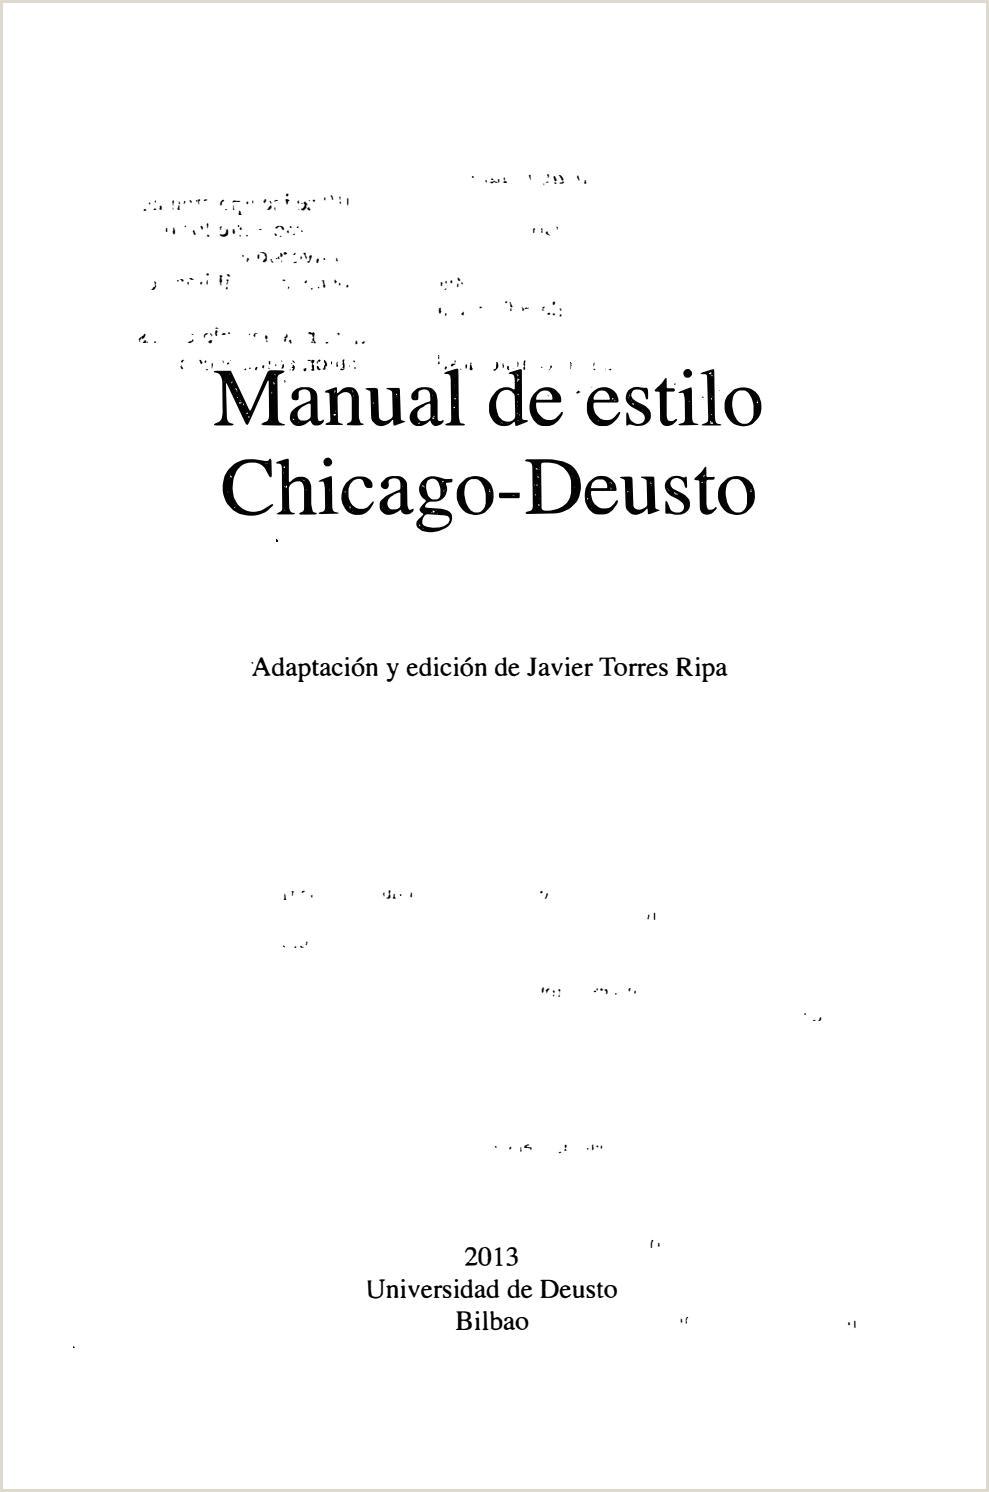 Formato Hoja De Vida Filetype Doc Manual De Estilo Chicago Deusto by Alecs Bass issuu